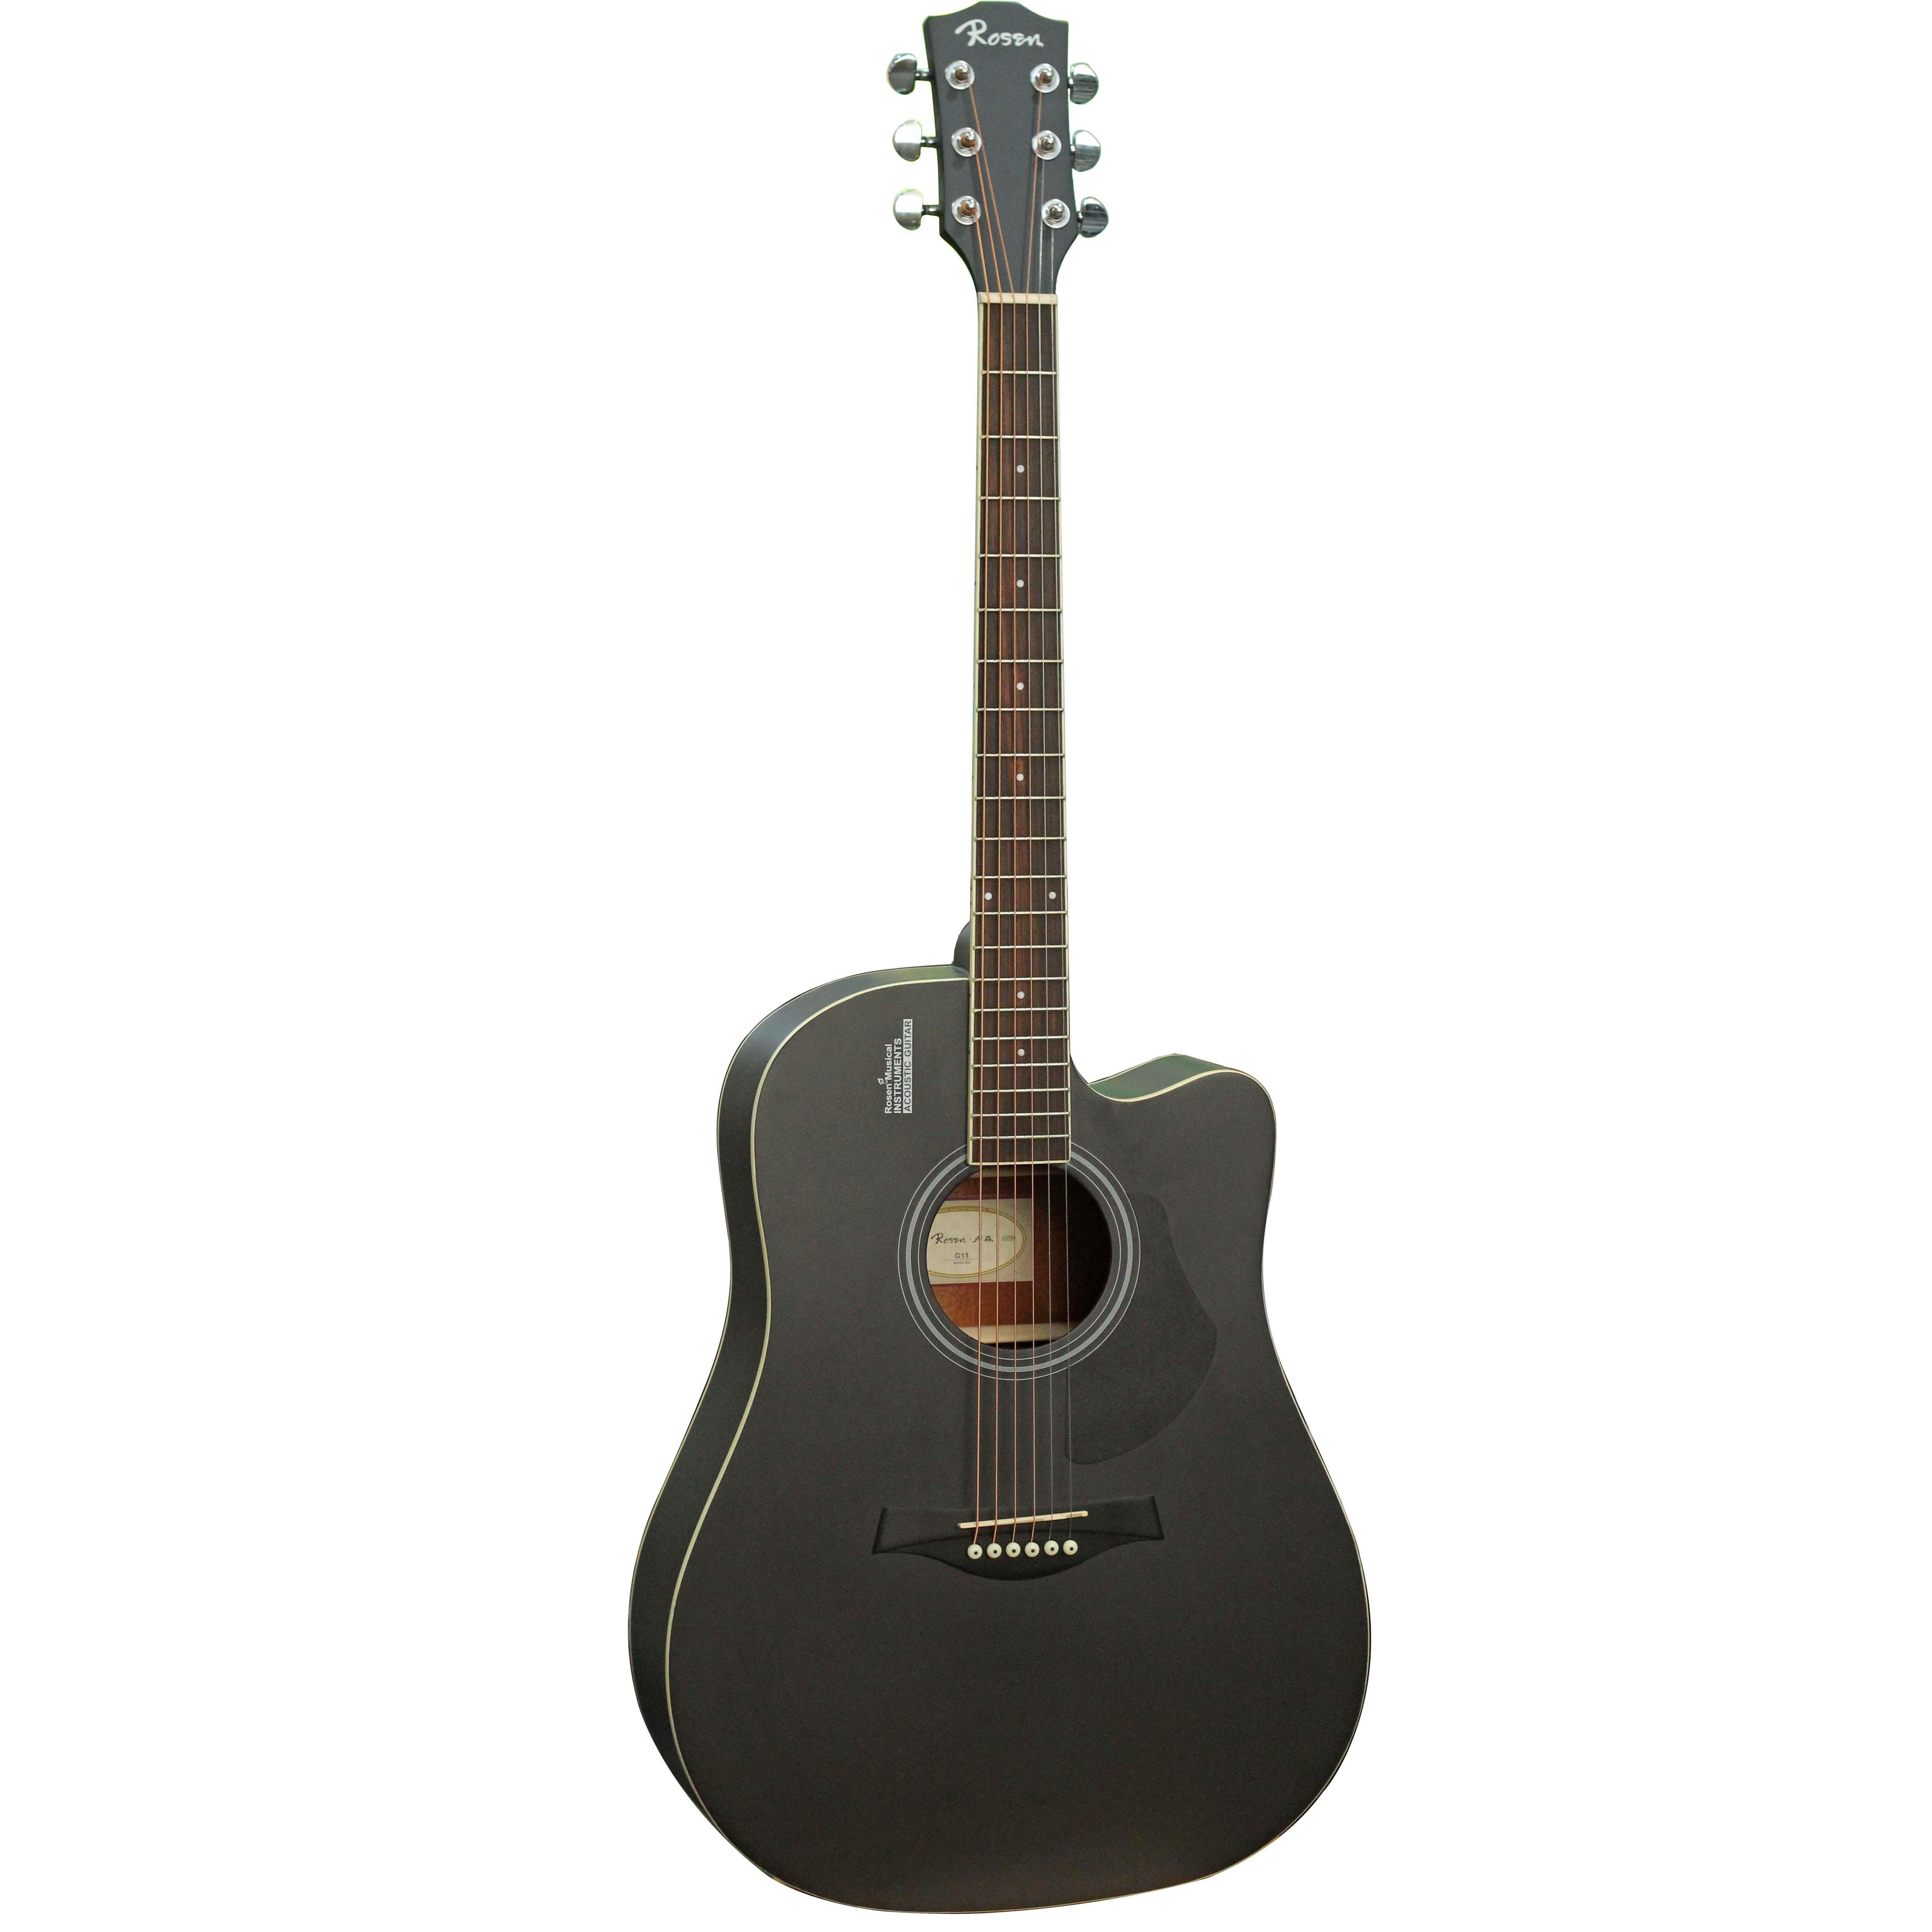 Đàn Guitar Acoustic Rosen Đen G11 (Gỗ Thịt- Solid top) Tặng bao,capo,pic,ty chỉnh cần